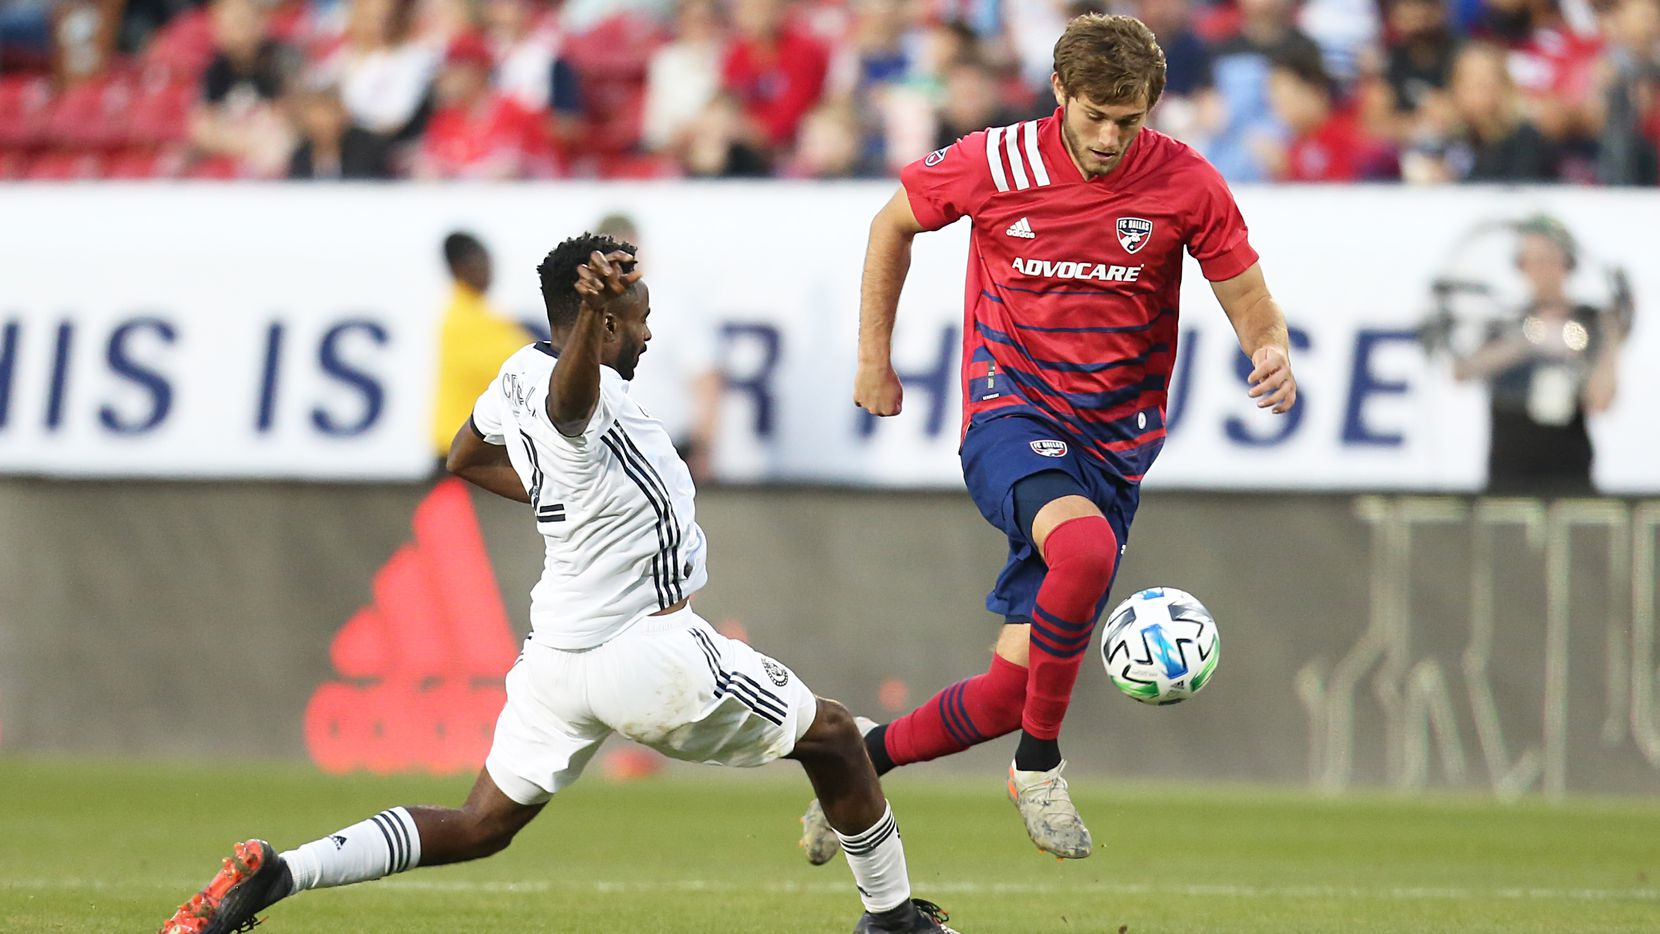 El jugador del FC Dallas, Tanner Tessmann (der), se quita a un rival del Union de Filadelfia durante el juego disputado en el Toyota Stadium de Frisco, el 29 de febrero de 2020.